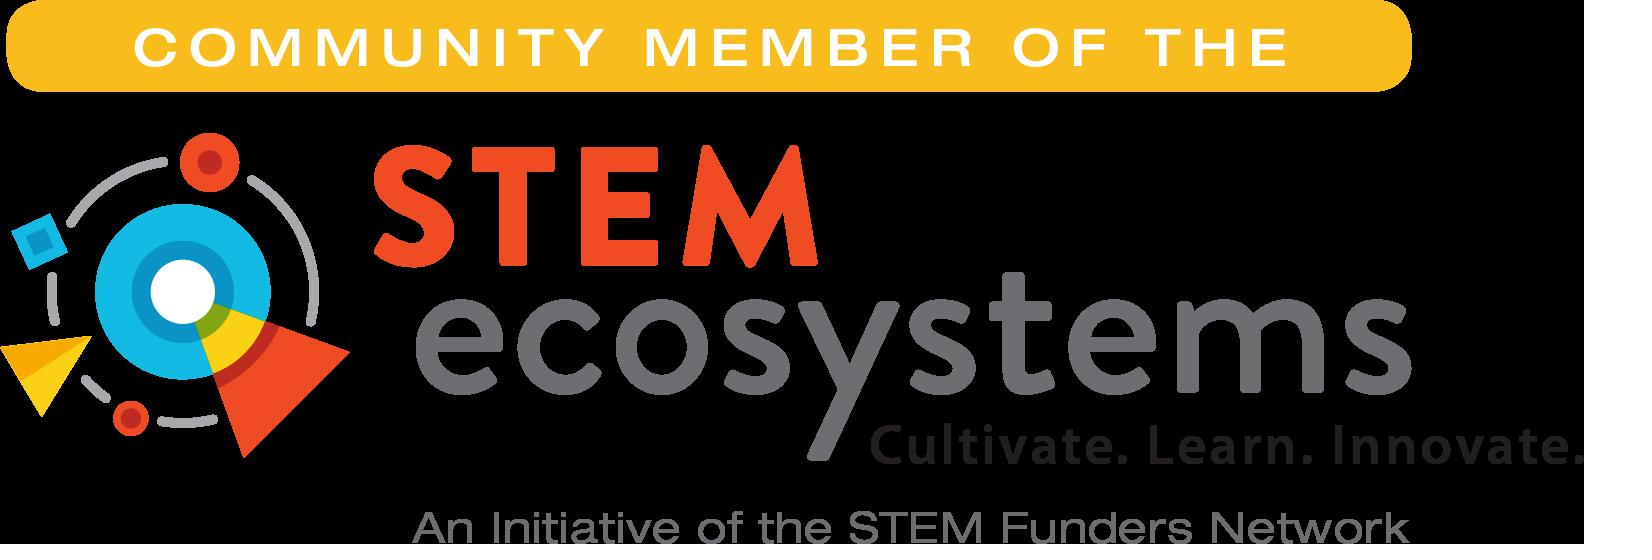 FINAL STEM ecosystem Partner logo.png